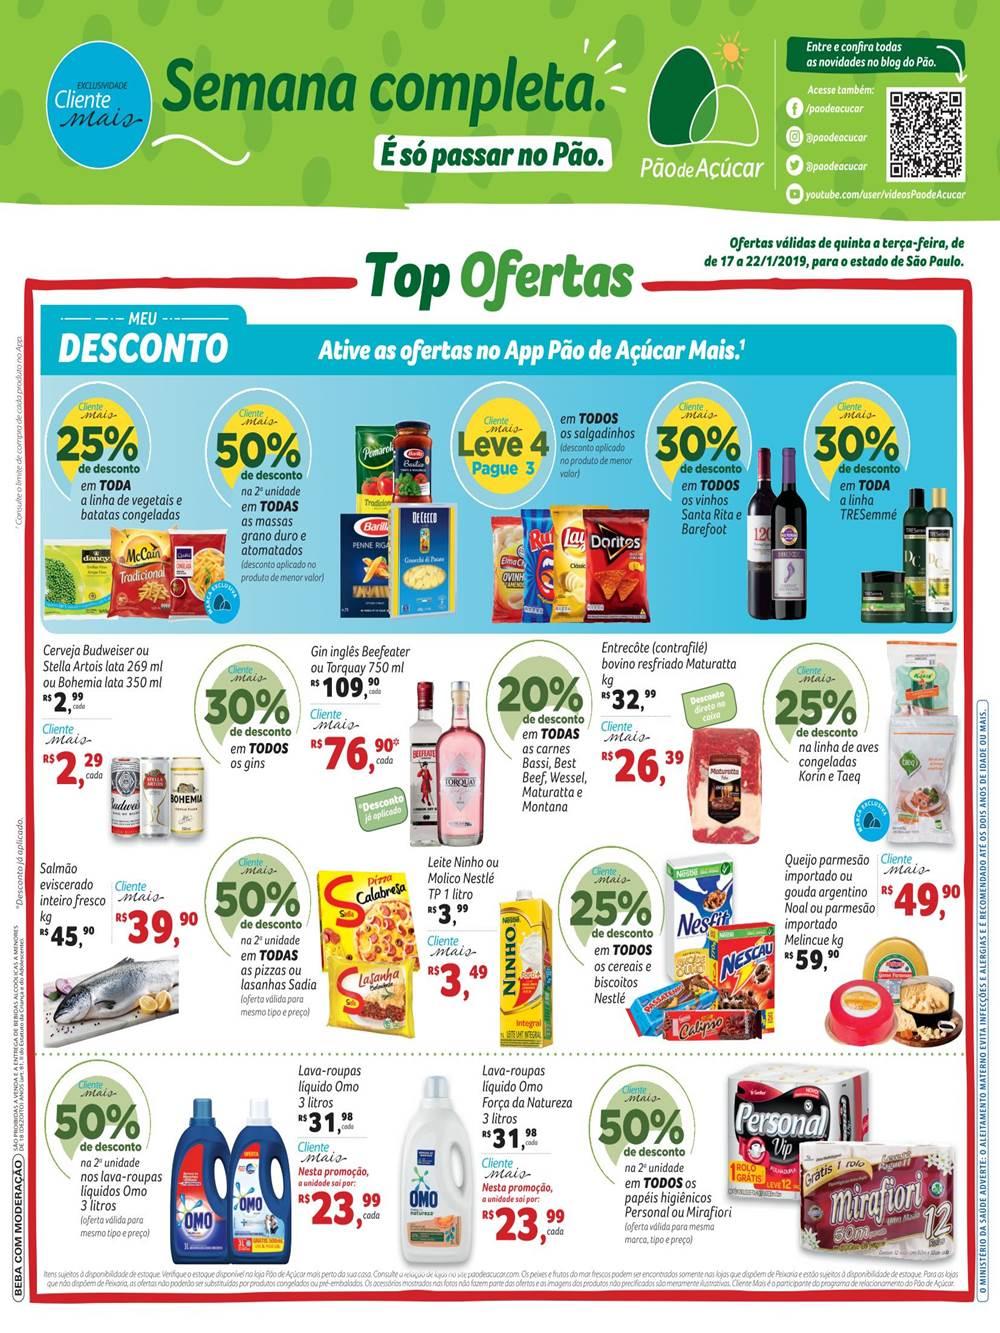 Oferta-pao1 Ofertas de Supermercados - Economize!